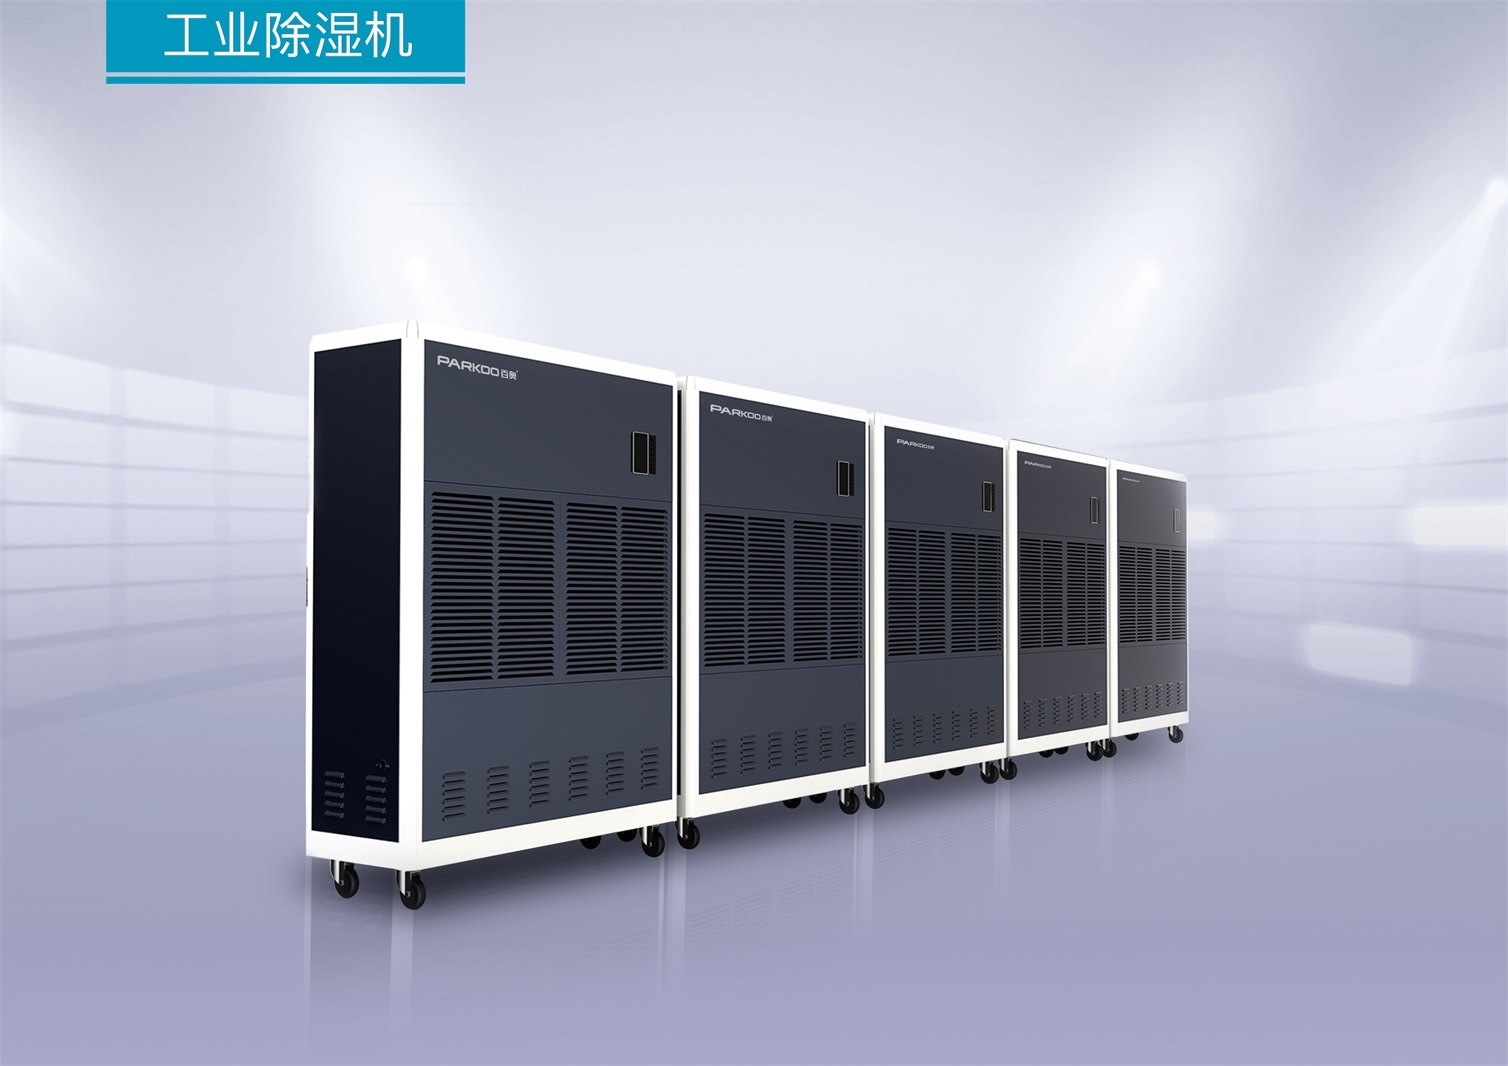 工业除湿机厂商-广州品牌好的工业除湿机供销